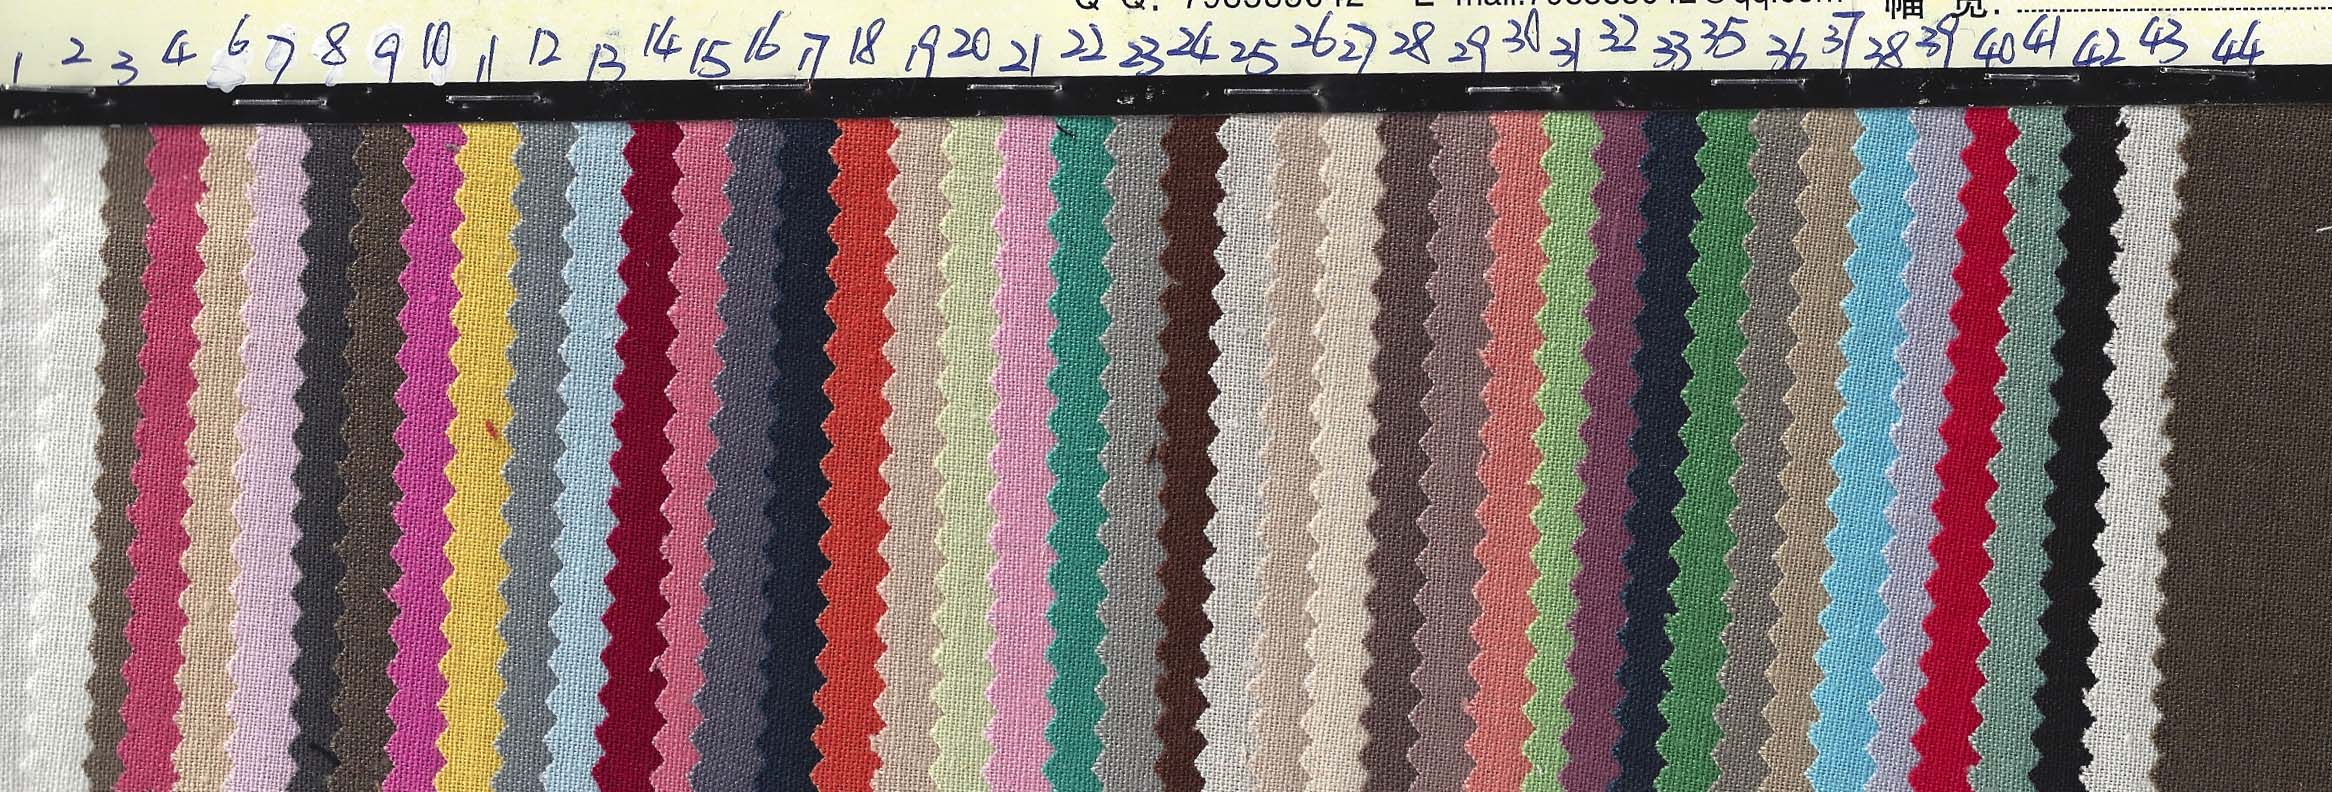 Sheng Ye Textile S64A.jpg